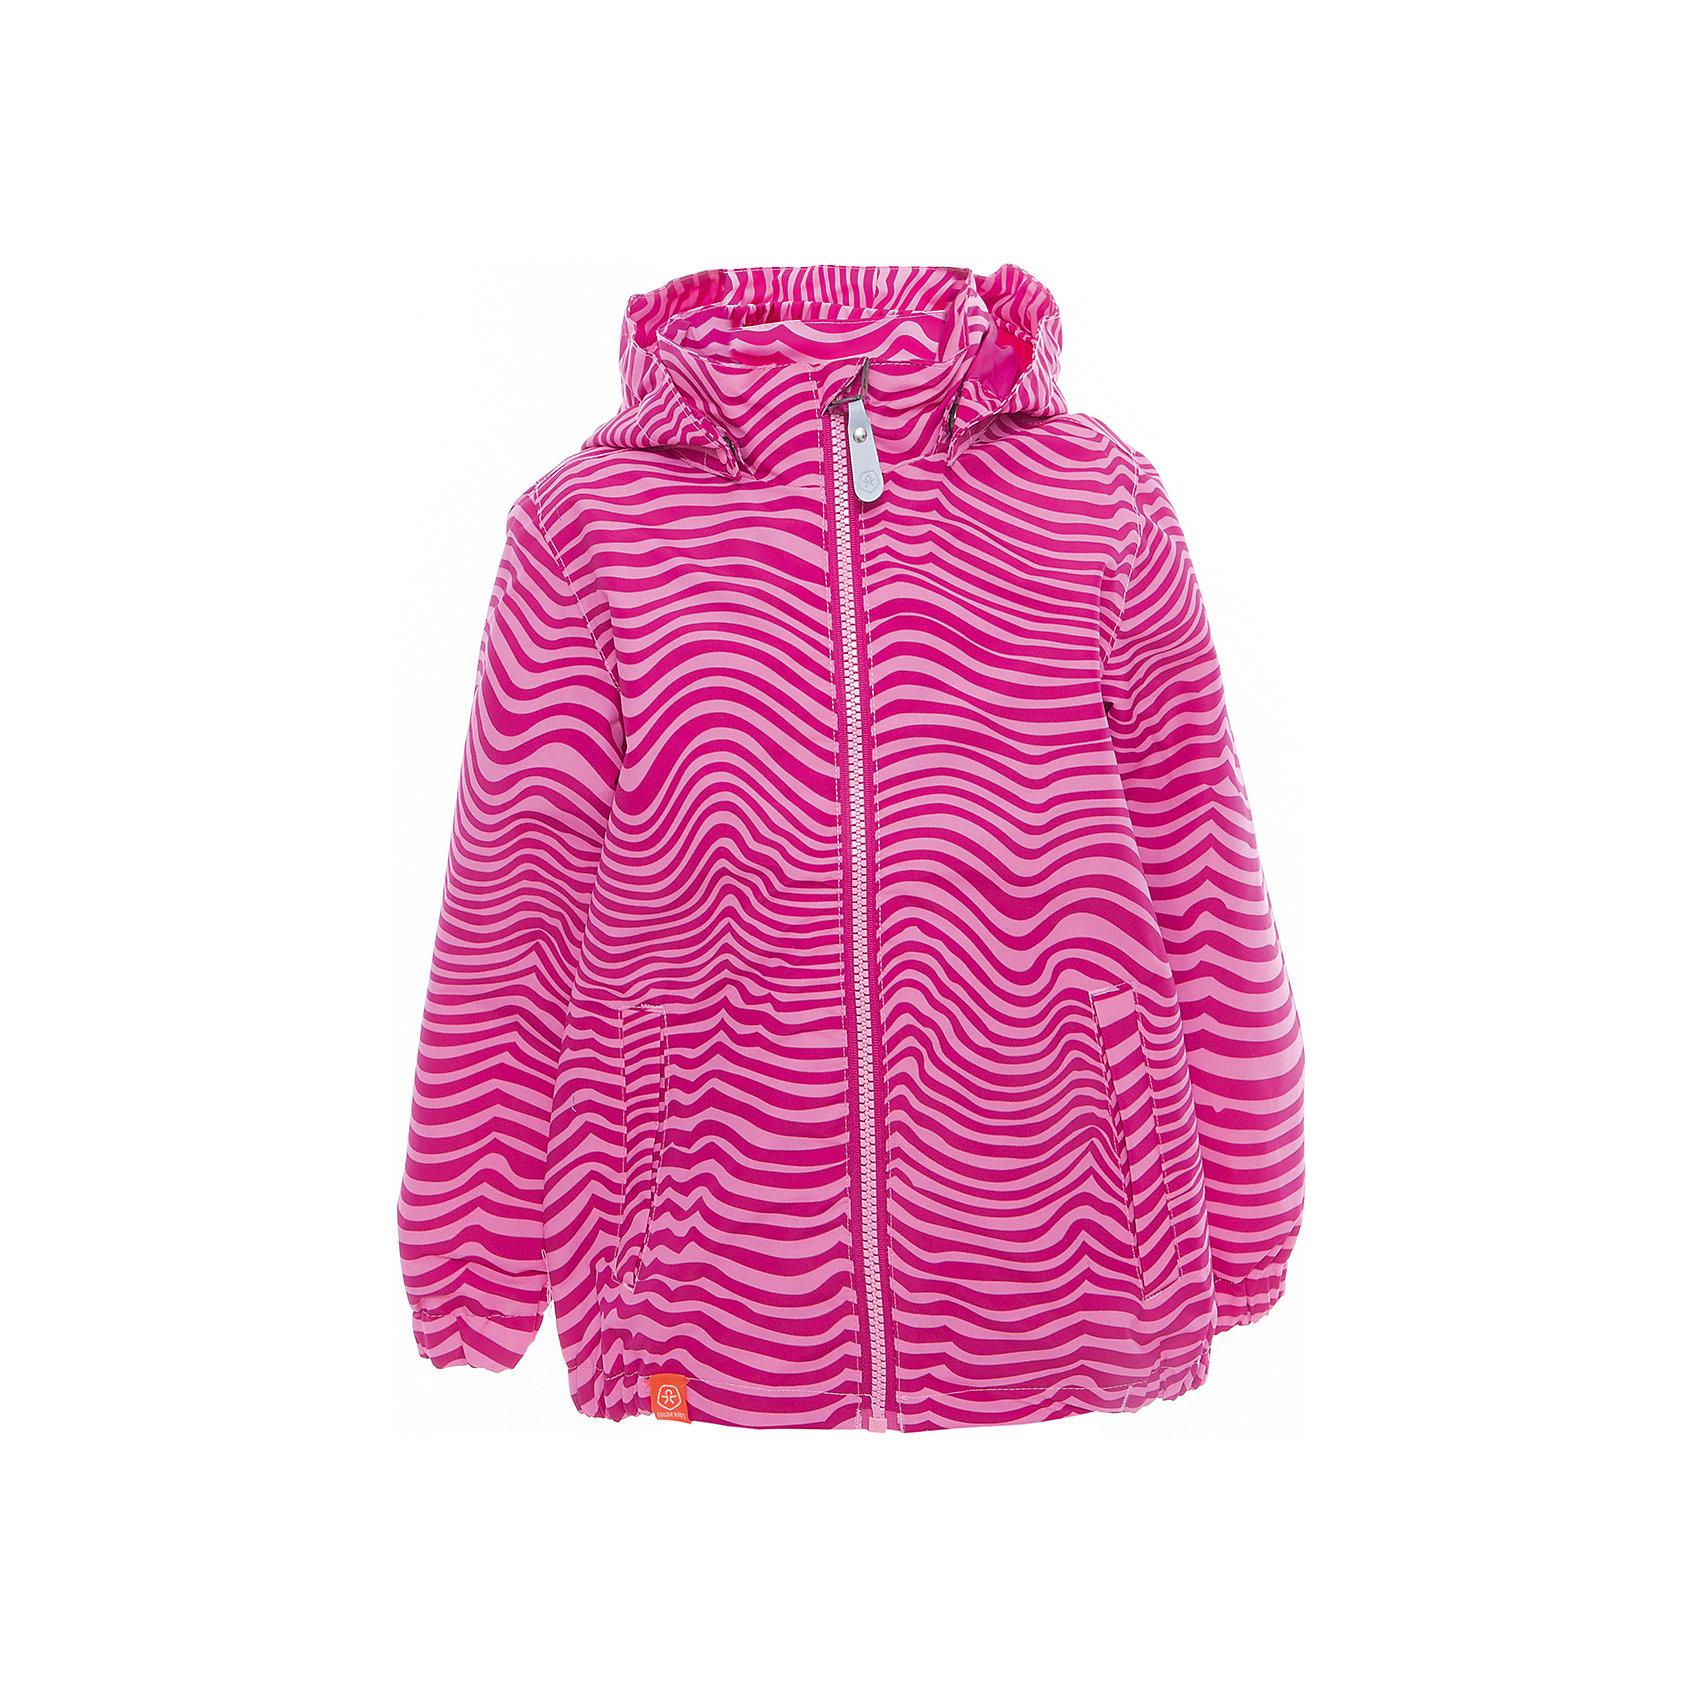 Ветровка для девочки Color KidsВерхняя одежда<br>Характеристики товара:<br><br>• цвет: розовый<br>• состав: 100 % полиэстер, таслан<br>• подкладка: 100 % полиэфир, тафетта<br>• без утеплителя<br>• температурный режим: +10 С° до +20 С°<br>• мембранная технология<br>• водонепроницаемость: 3000 мм<br>• воздухопроницаемость: 3000 мм<br>• пропитка BIONIC-FINISH® ECO не содержащая фтора, парафина и формальдегида (дополнительная защита от грязи)<br>• проклеенные швы<br>• утяжка по низу куртки<br>• светоотражающие детали<br>• швы проклеены<br>• съемный капюшон<br>• защита подбородка<br>• два кармана на молнии<br>• логотип<br>• страна бренда: Дания<br><br>Эта симпатичная и удобная куртка сделана из непромокаемого легкого материала, поэтому отлично подойдет для дождливой погоды в межсезонье. Она комфортно сидит и обеспечивает ребенку необходимое удобство. Очень стильно смотрится.<br><br>Ветровку для мальчика от датского бренда Color Kids (Колор кидз) можно купить в нашем интернет-магазине.<br><br>Ширина мм: 356<br>Глубина мм: 10<br>Высота мм: 245<br>Вес г: 519<br>Цвет: розовый<br>Возраст от месяцев: 24<br>Возраст до месяцев: 36<br>Пол: Женский<br>Возраст: Детский<br>Размер: 98,104,110,116,122,128,140,152,92<br>SKU: 5443049